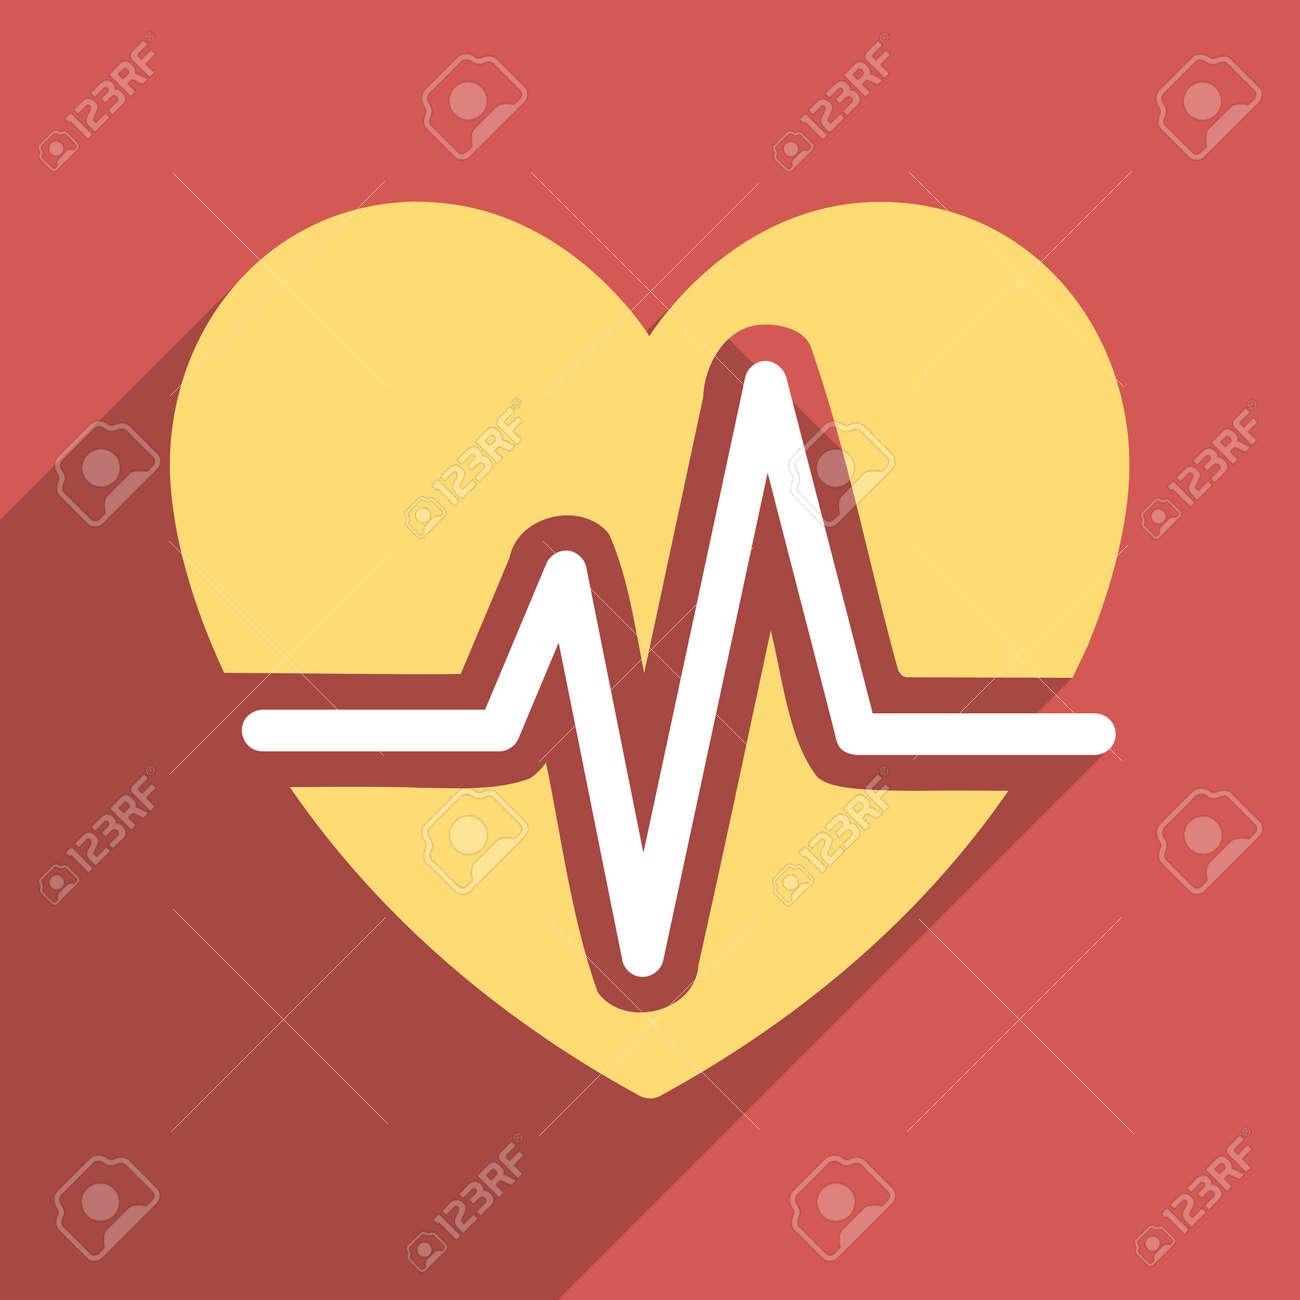 Excelente Diagrama De Corazón Humano Marcado Imágenes - Imágenes de ...